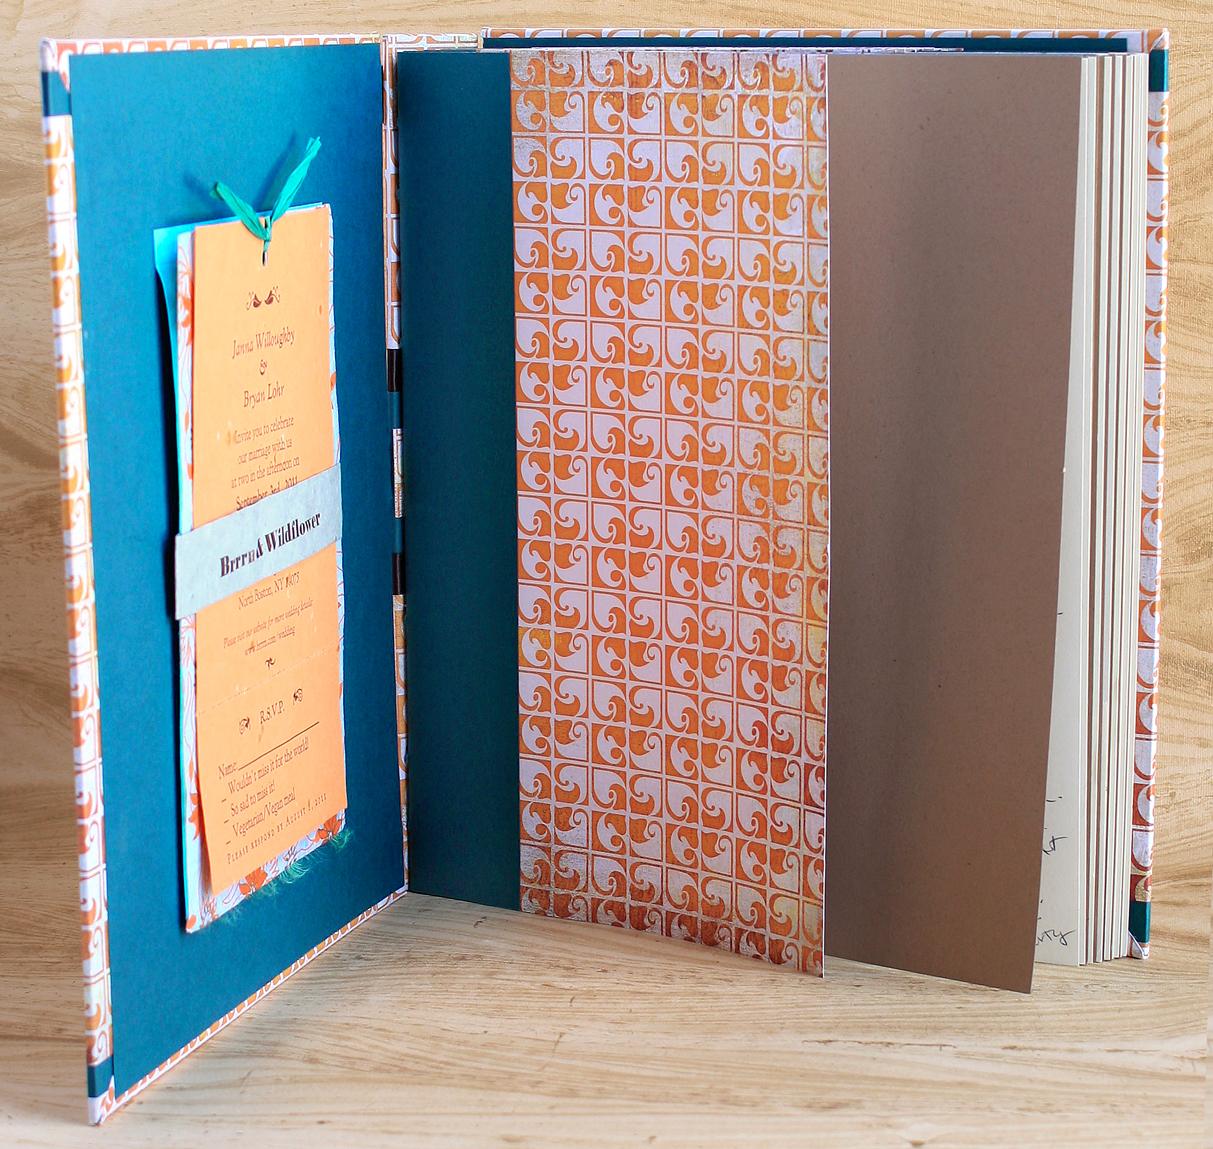 J&B-BOOK-OPEN.jpg